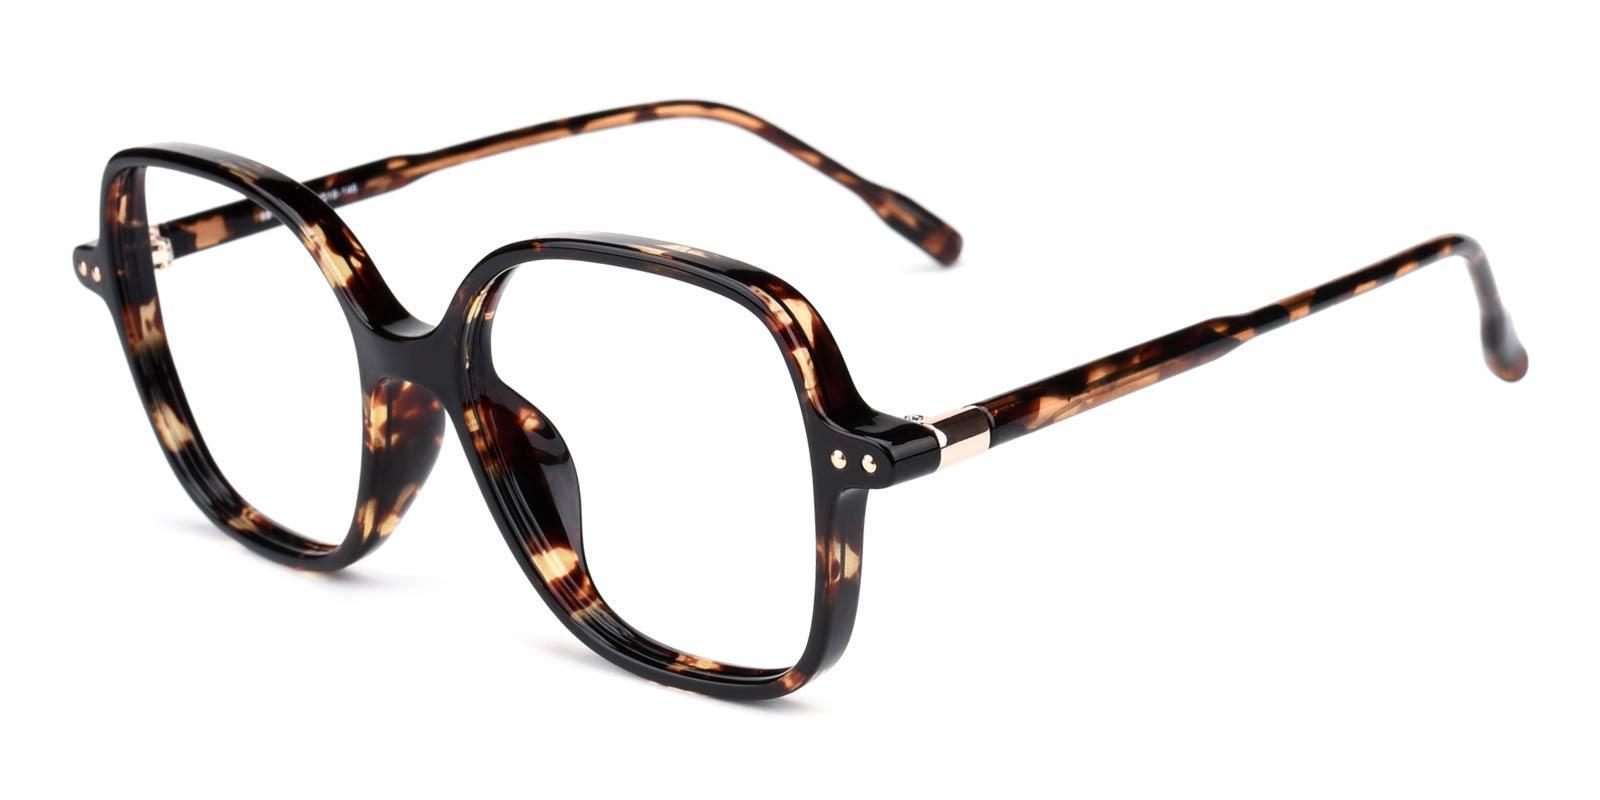 Garfield-Tortoise-Square-TR-Eyeglasses-detail